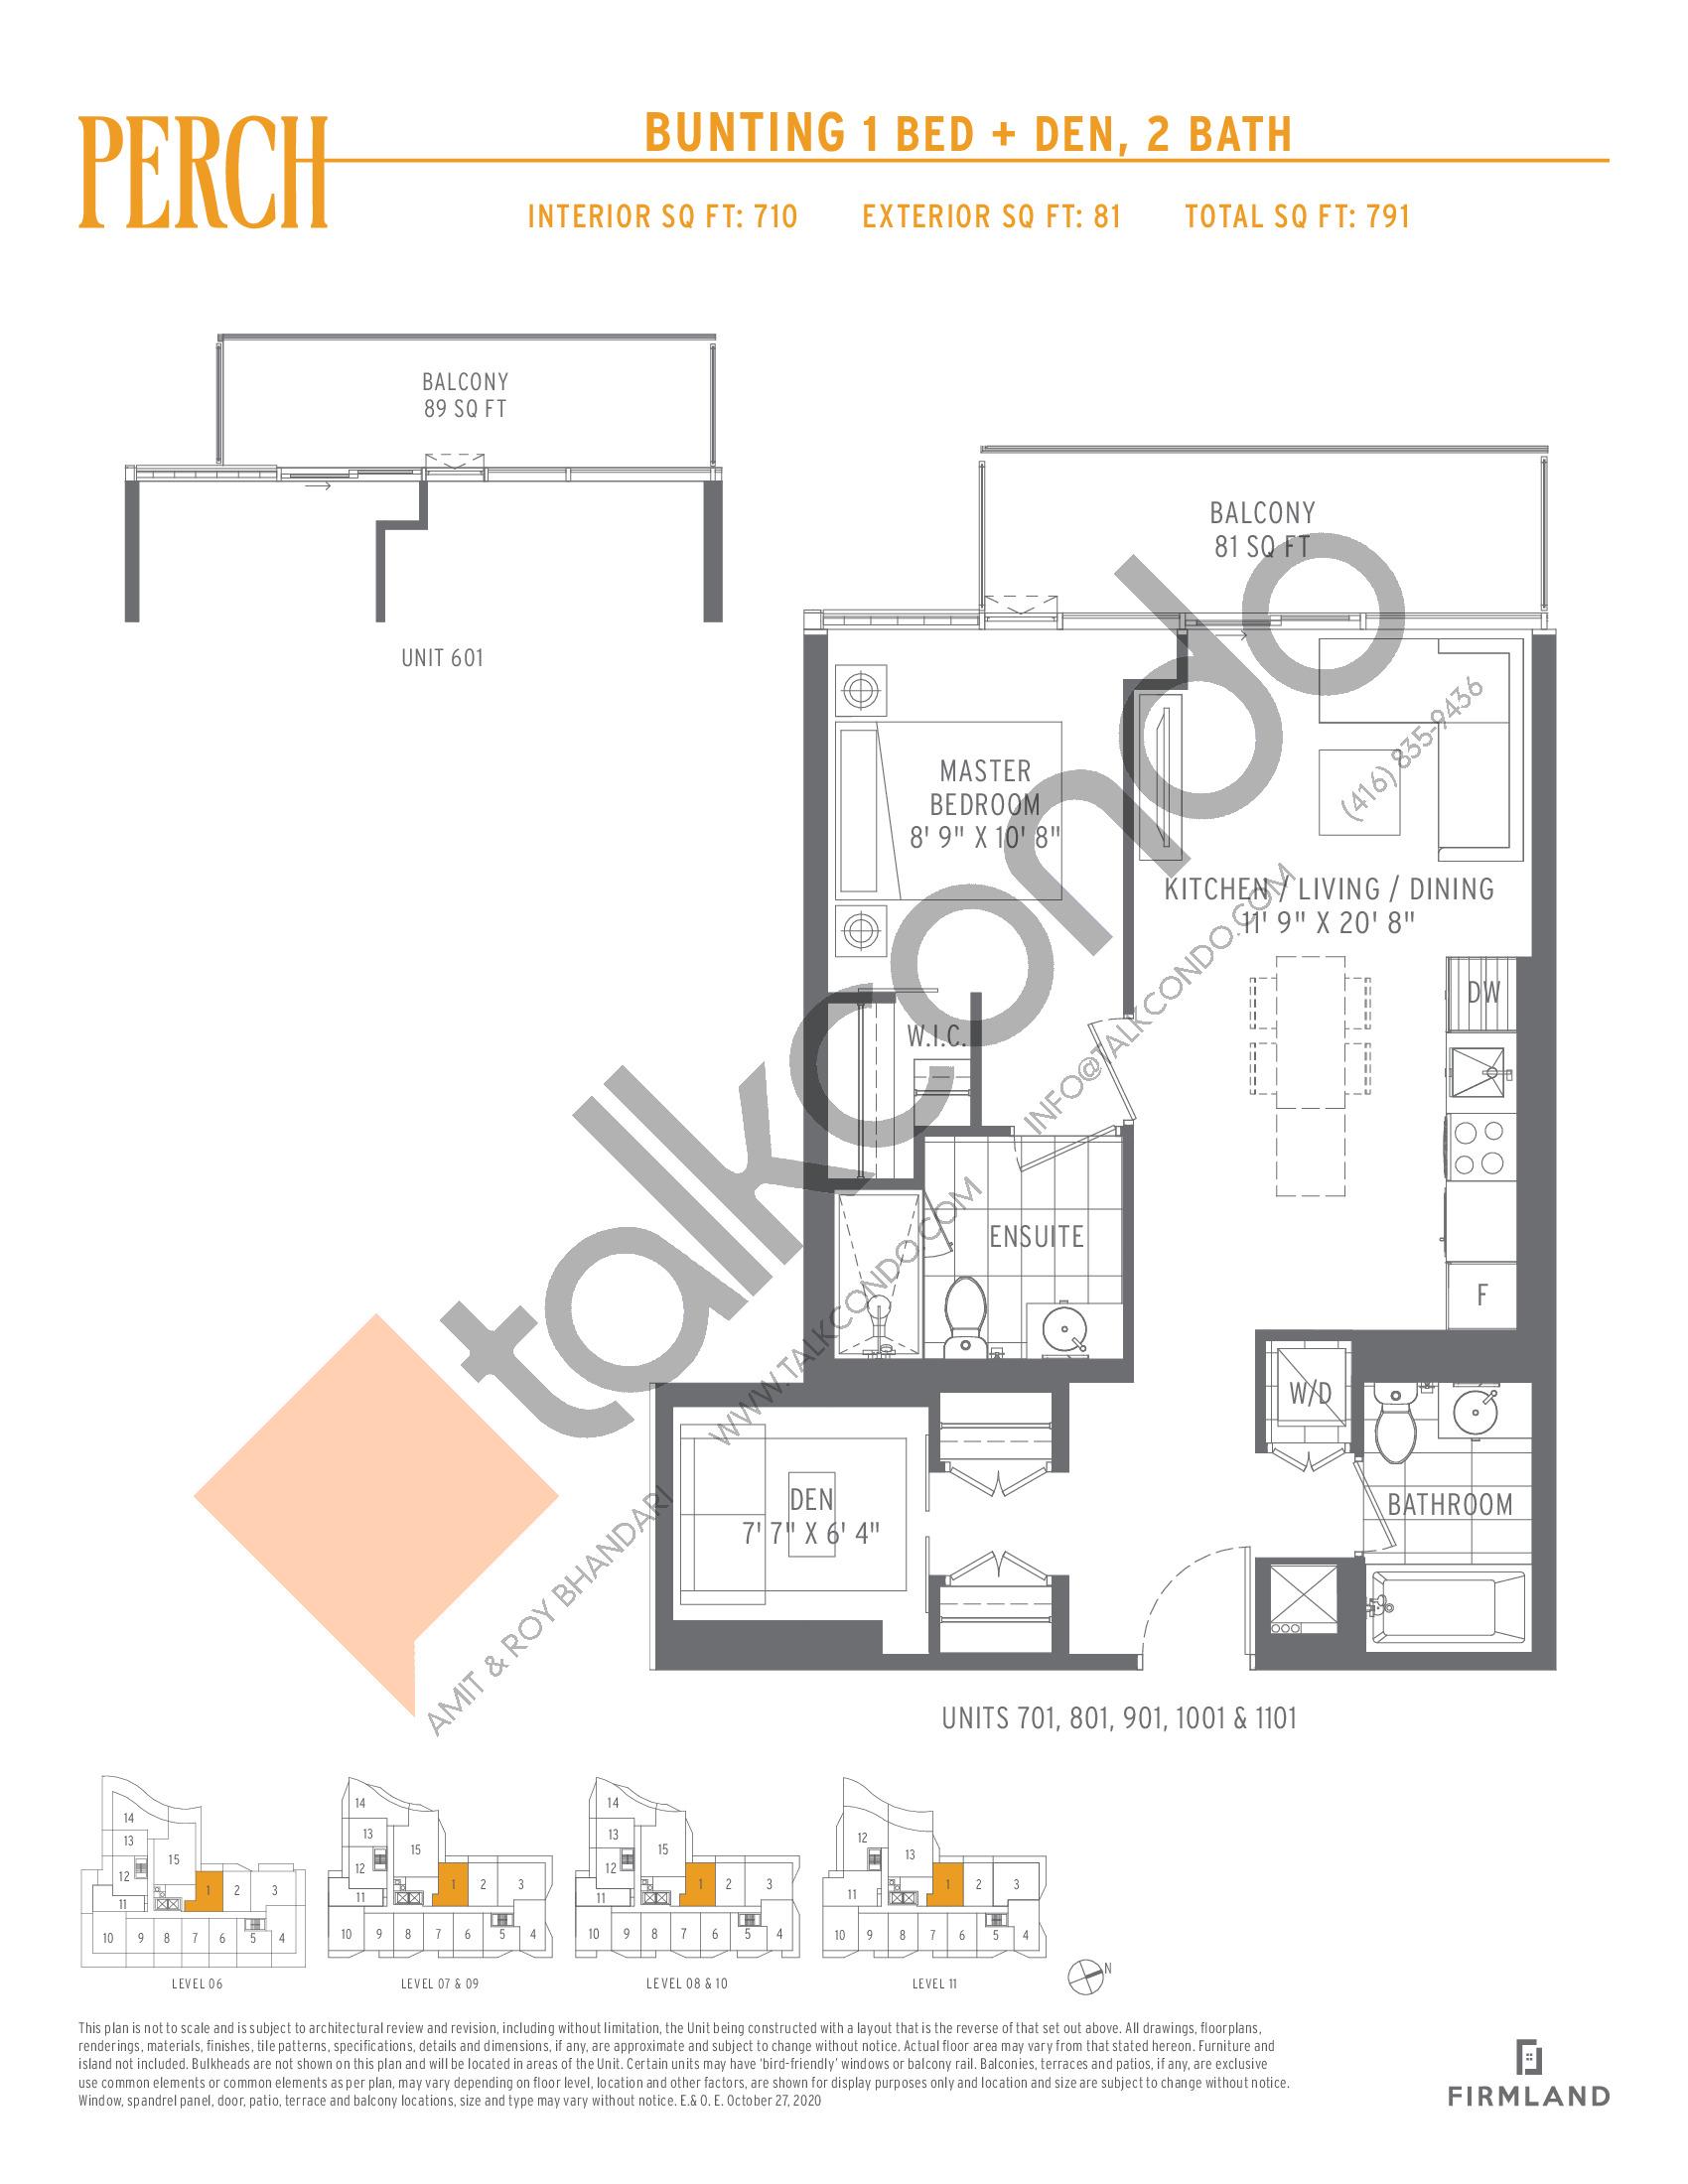 Bunting Floor Plan at Perch Condos - 710 sq.ft